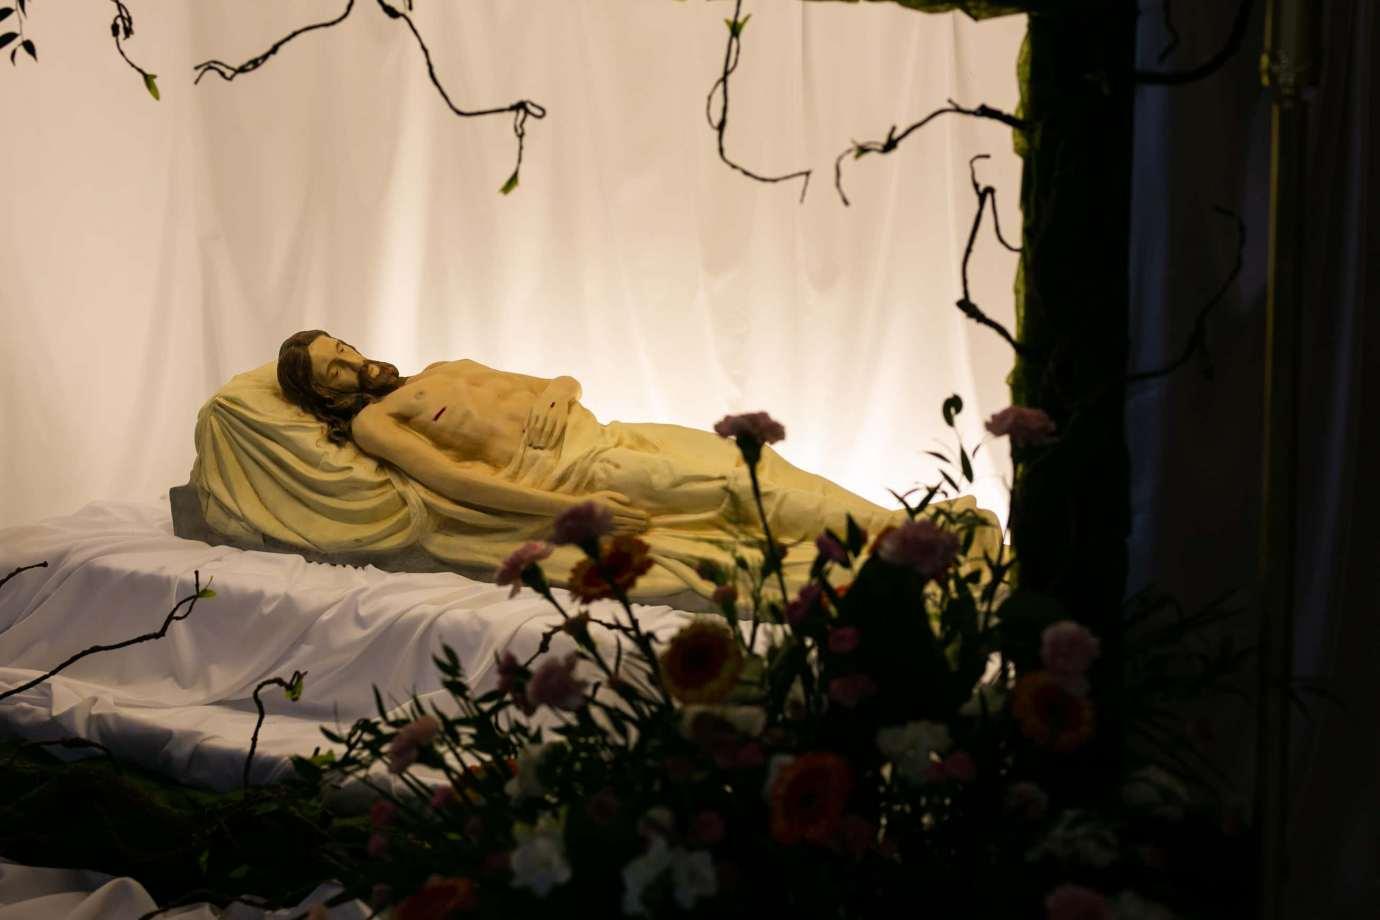 parafia pw swietej bozej opatrznosci w zamosciu 9 Zdjęcia grobów pańskich w zamojskich świątyniach